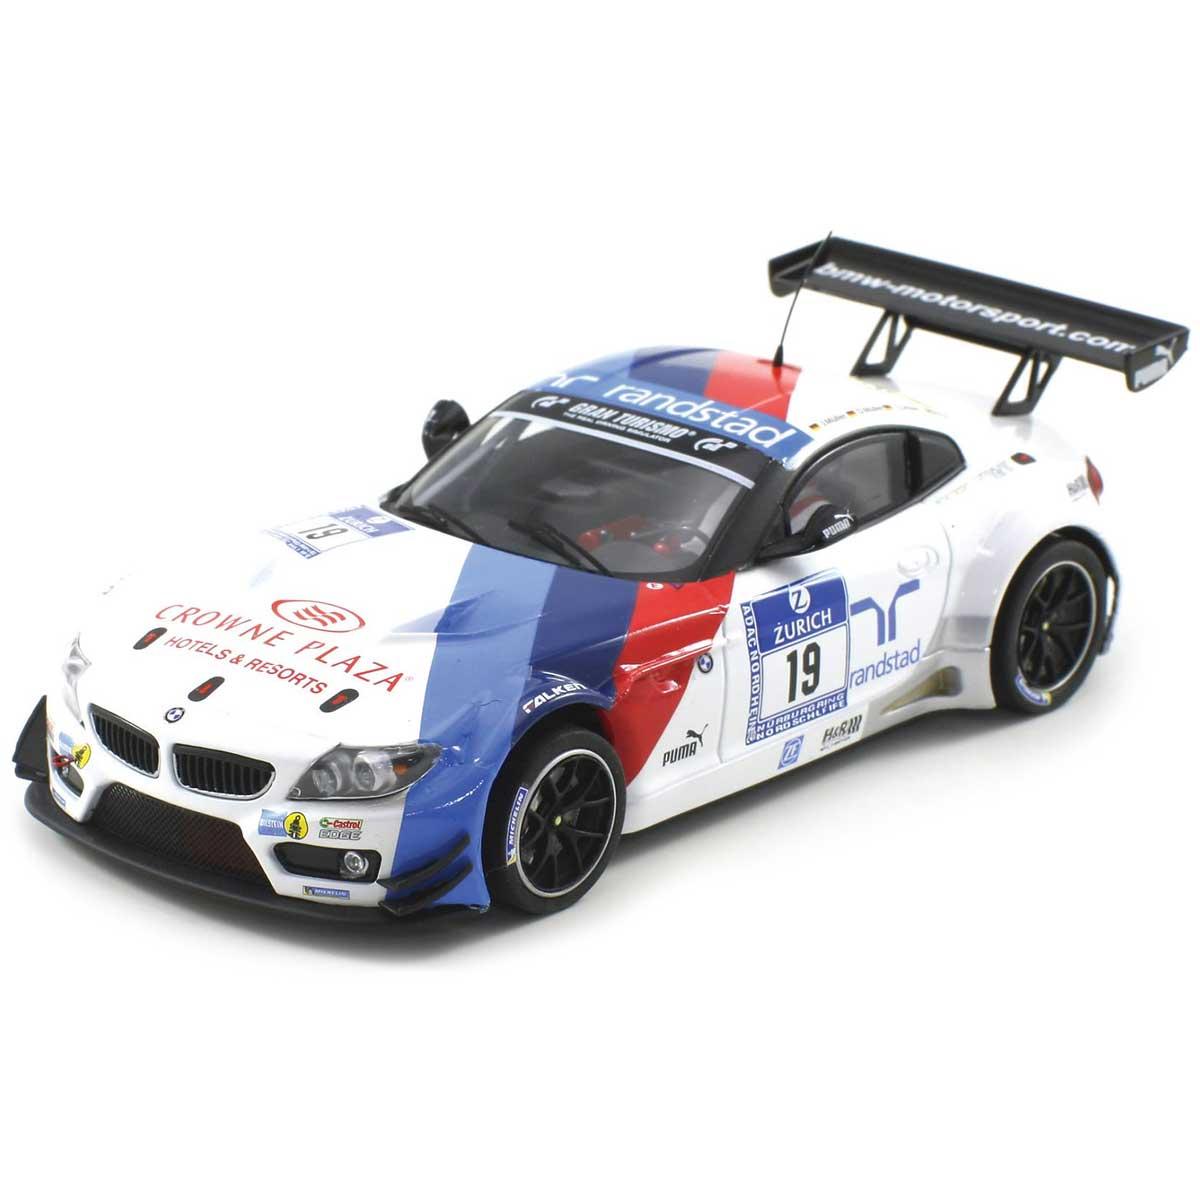 Bmw Z4 Gt3: Scaleauto BMW Z4 GT3 No.19 Nurburgring 2013